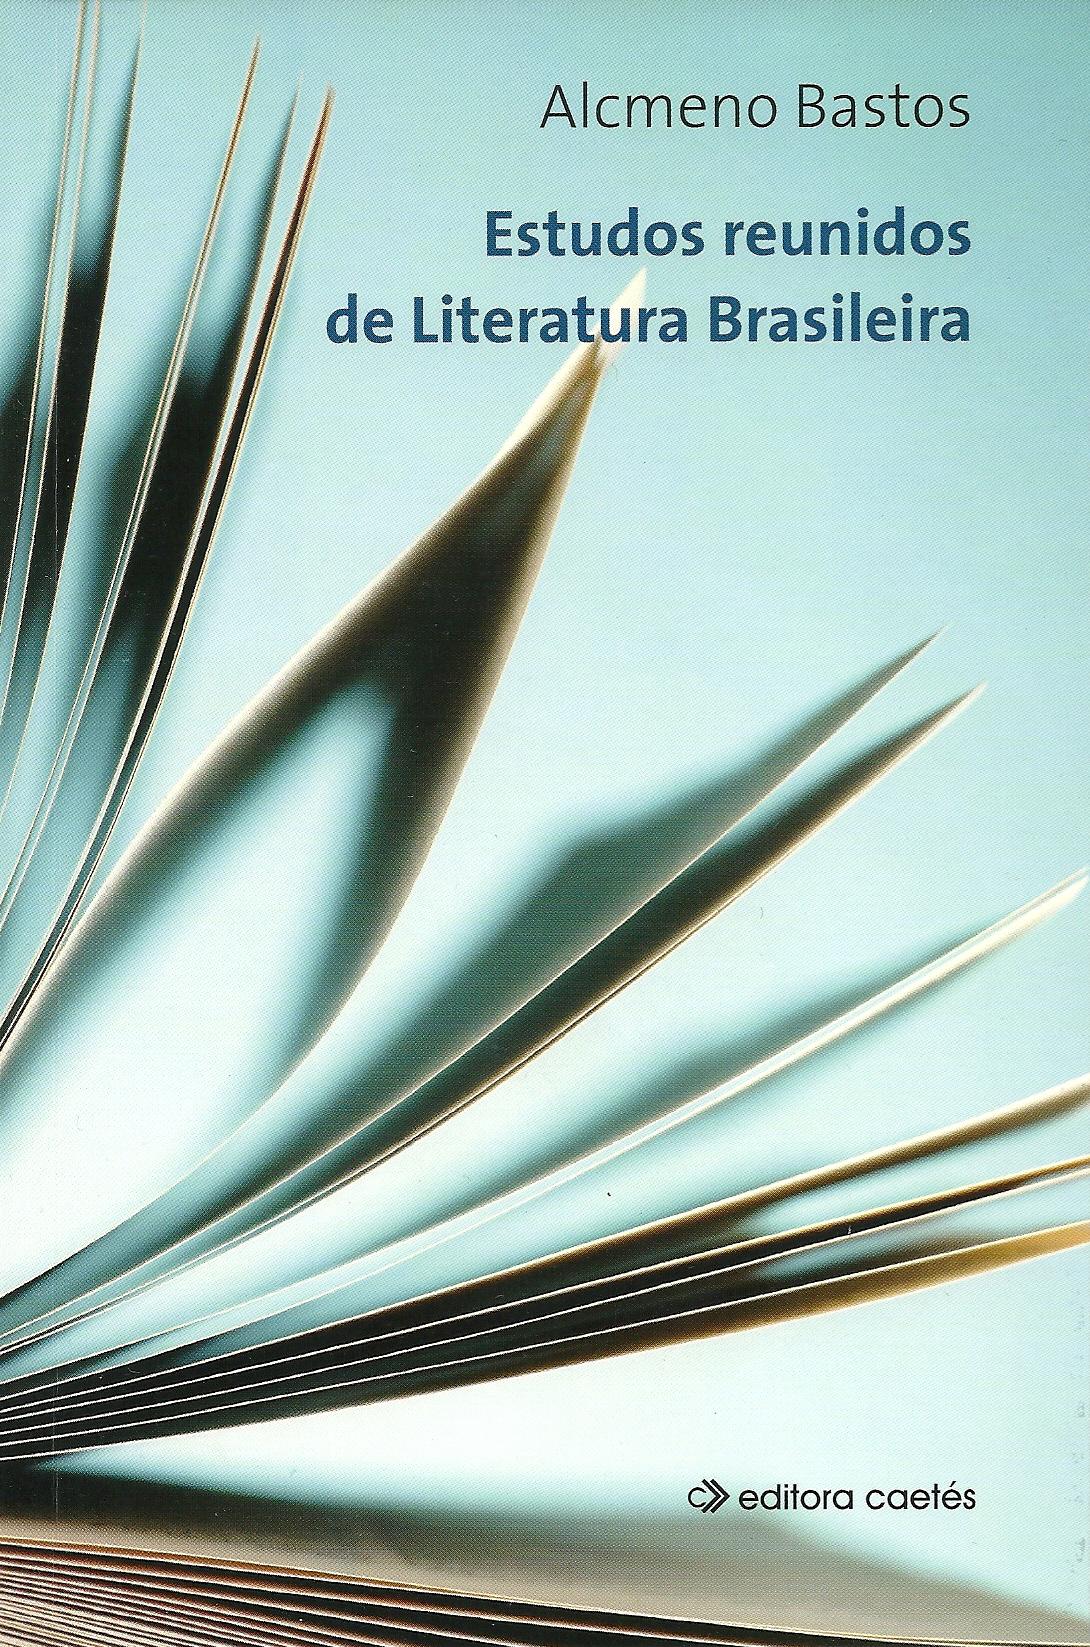 estudos-reundiso-de-literatura-brasileira-capa.jpg